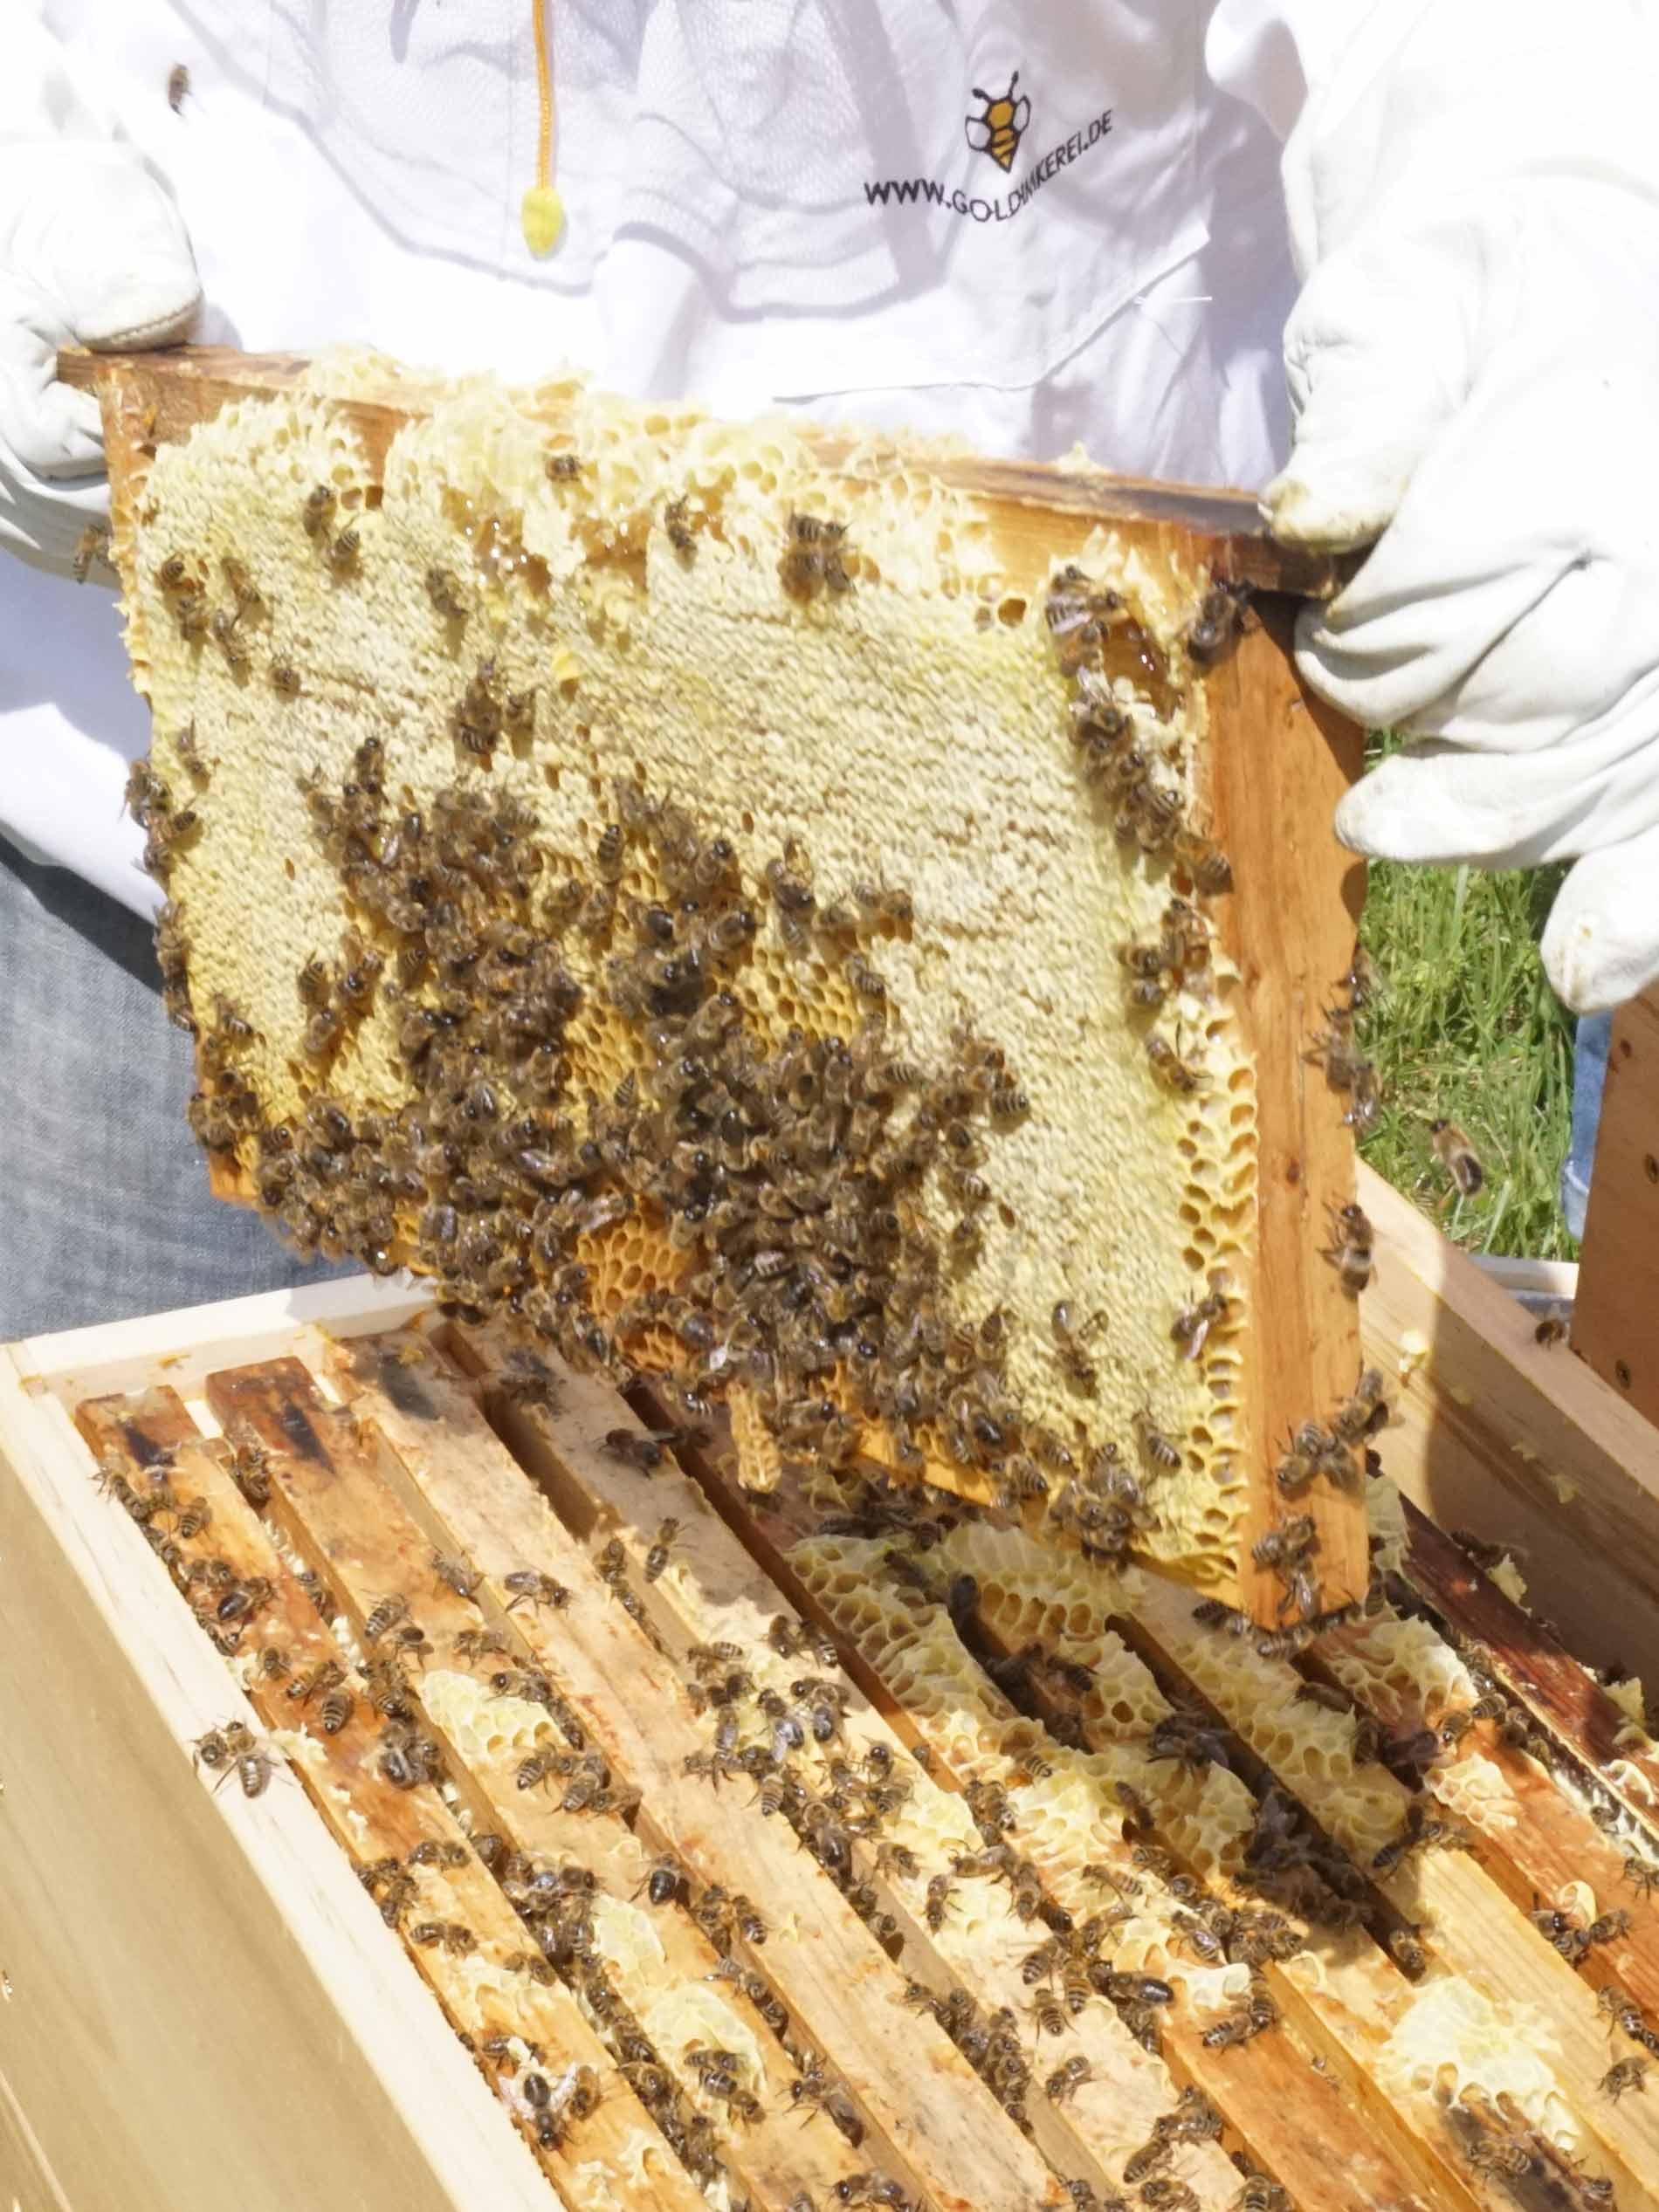 Imker in witte beschermkledij neemt geraamte van de bijenkorf uit de bijenkast   mey®